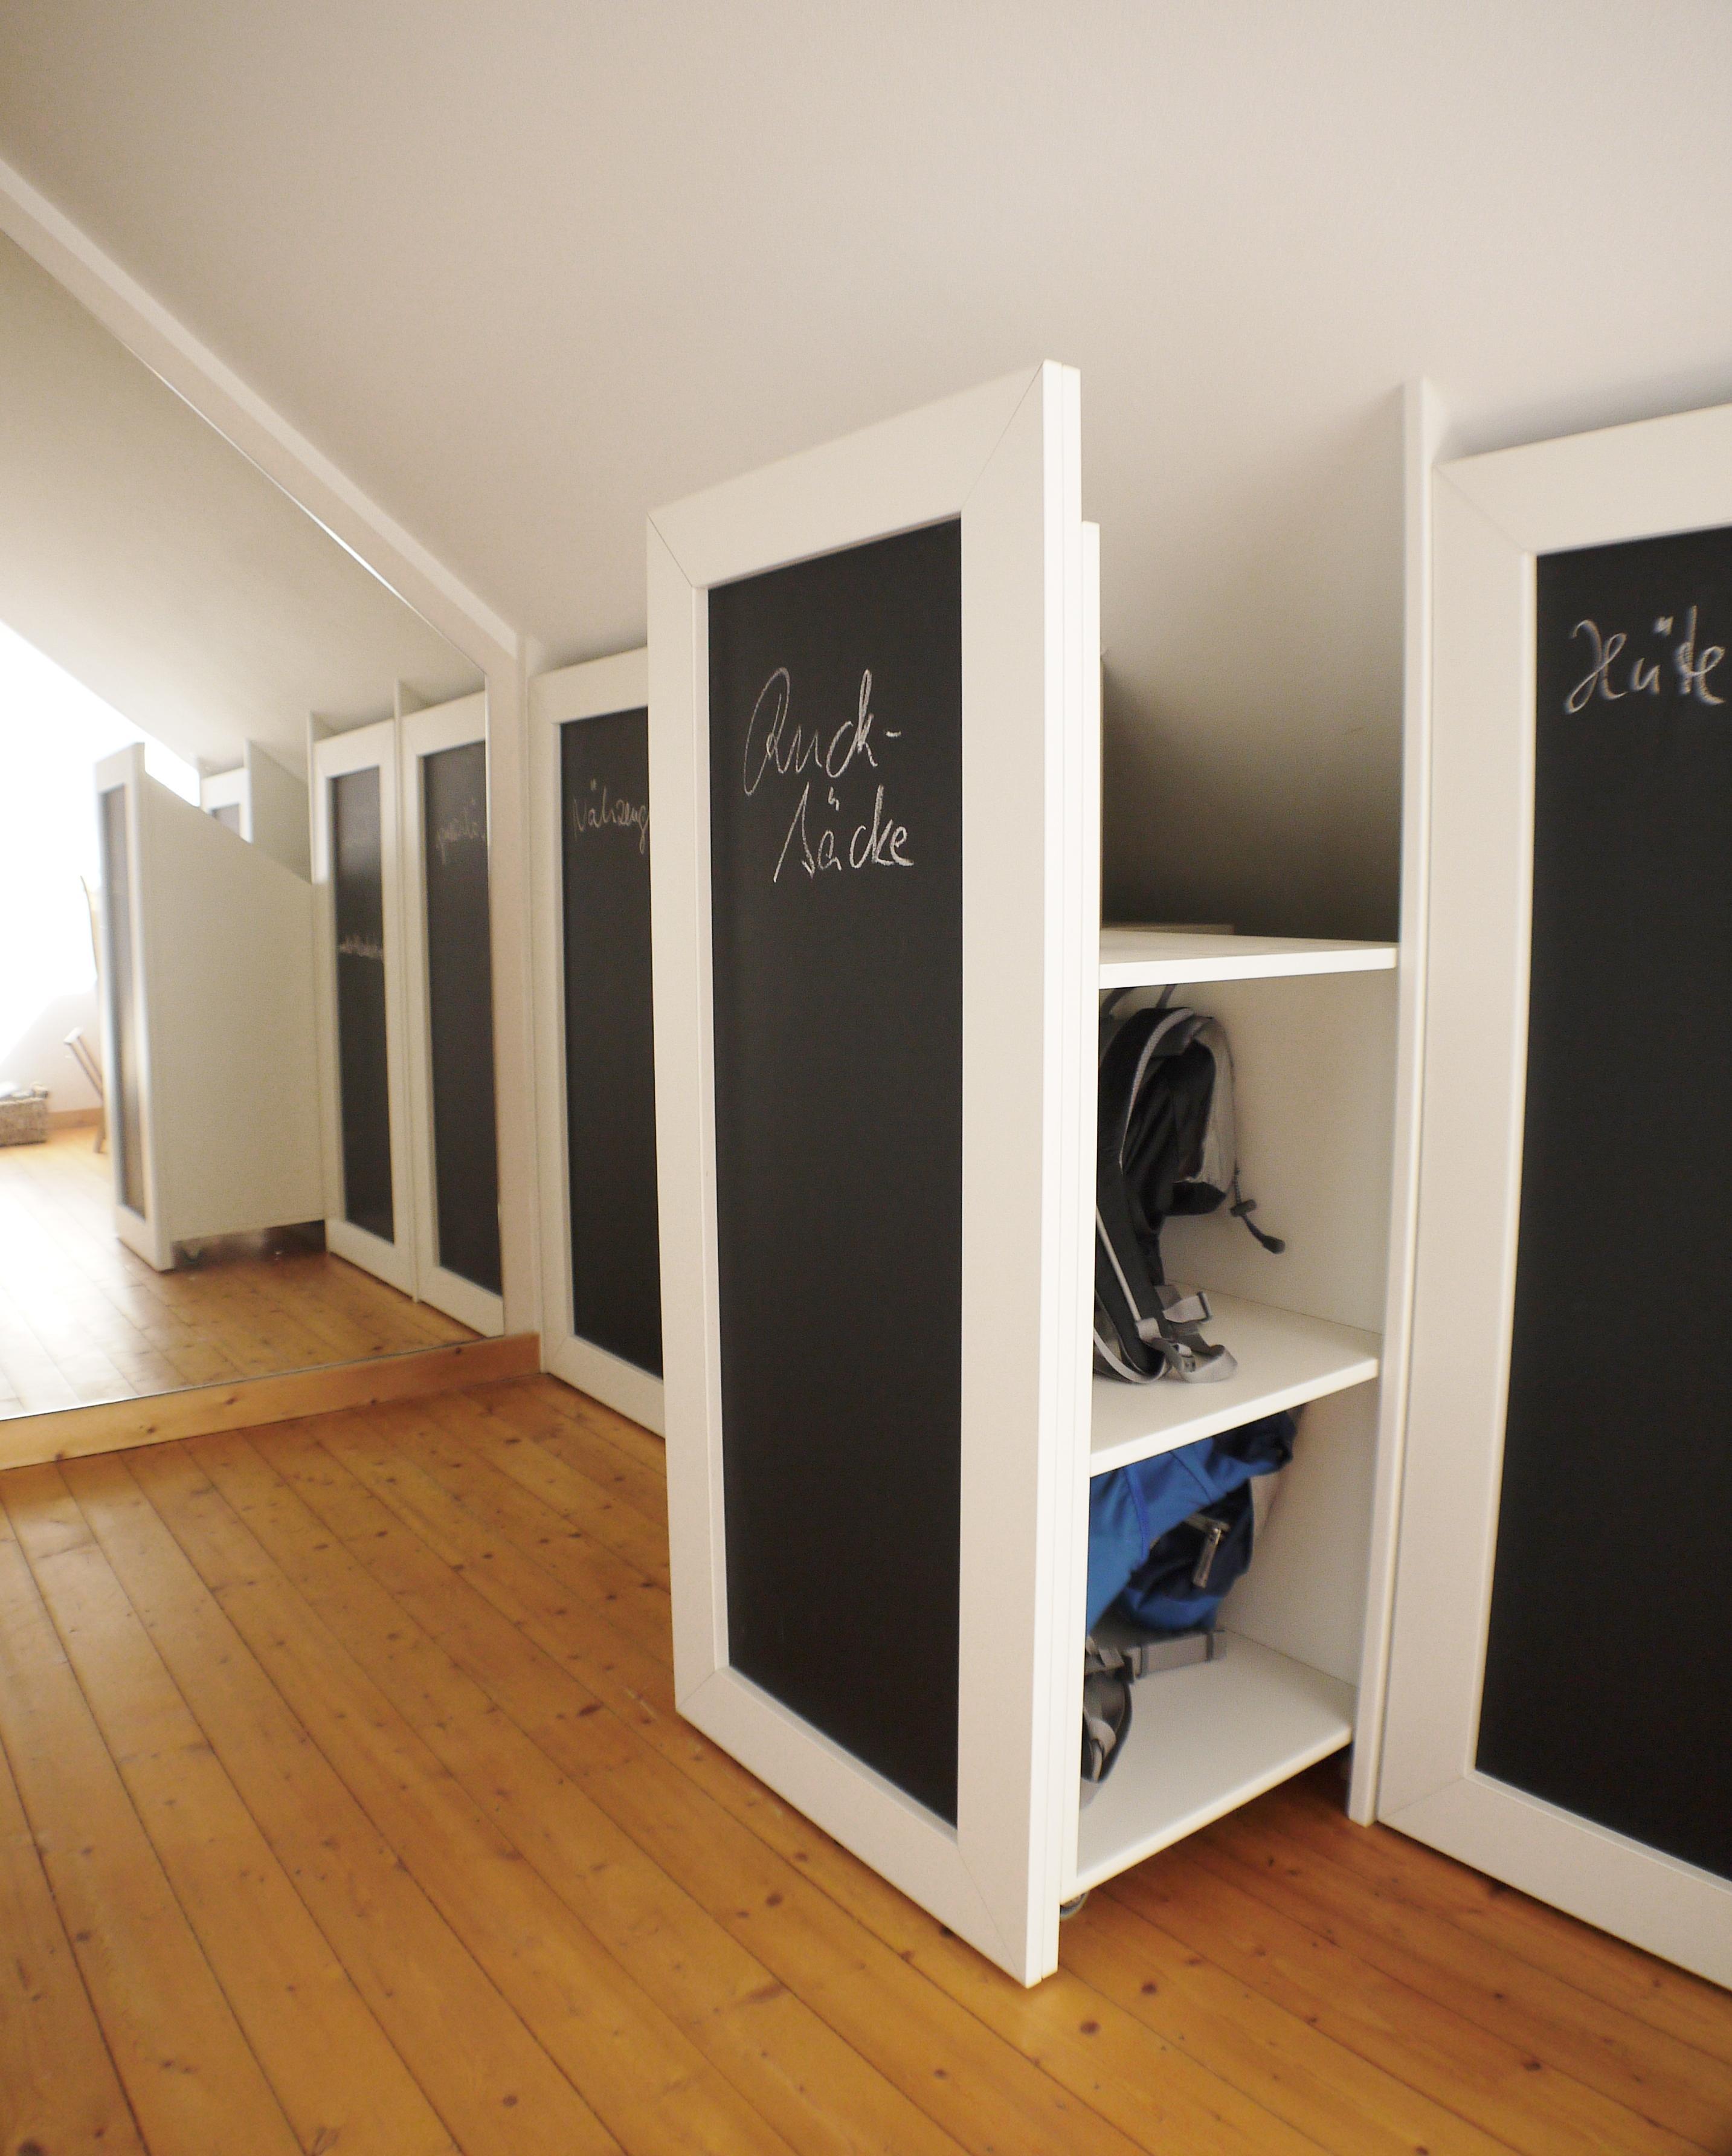 dachschr gen aufbewahrung bilder ideen couchstyle. Black Bedroom Furniture Sets. Home Design Ideas